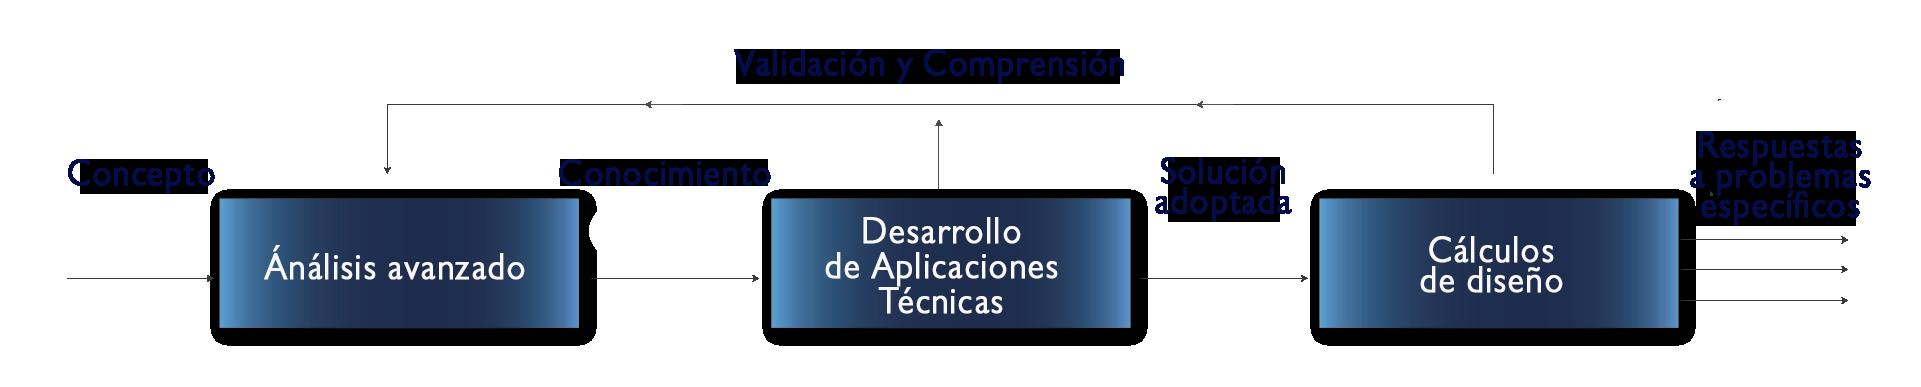 Desde el concepto hasta la implementación: Preservar el conocimiento, gestionar la innovación, acelerar el desarrollo de soluciones